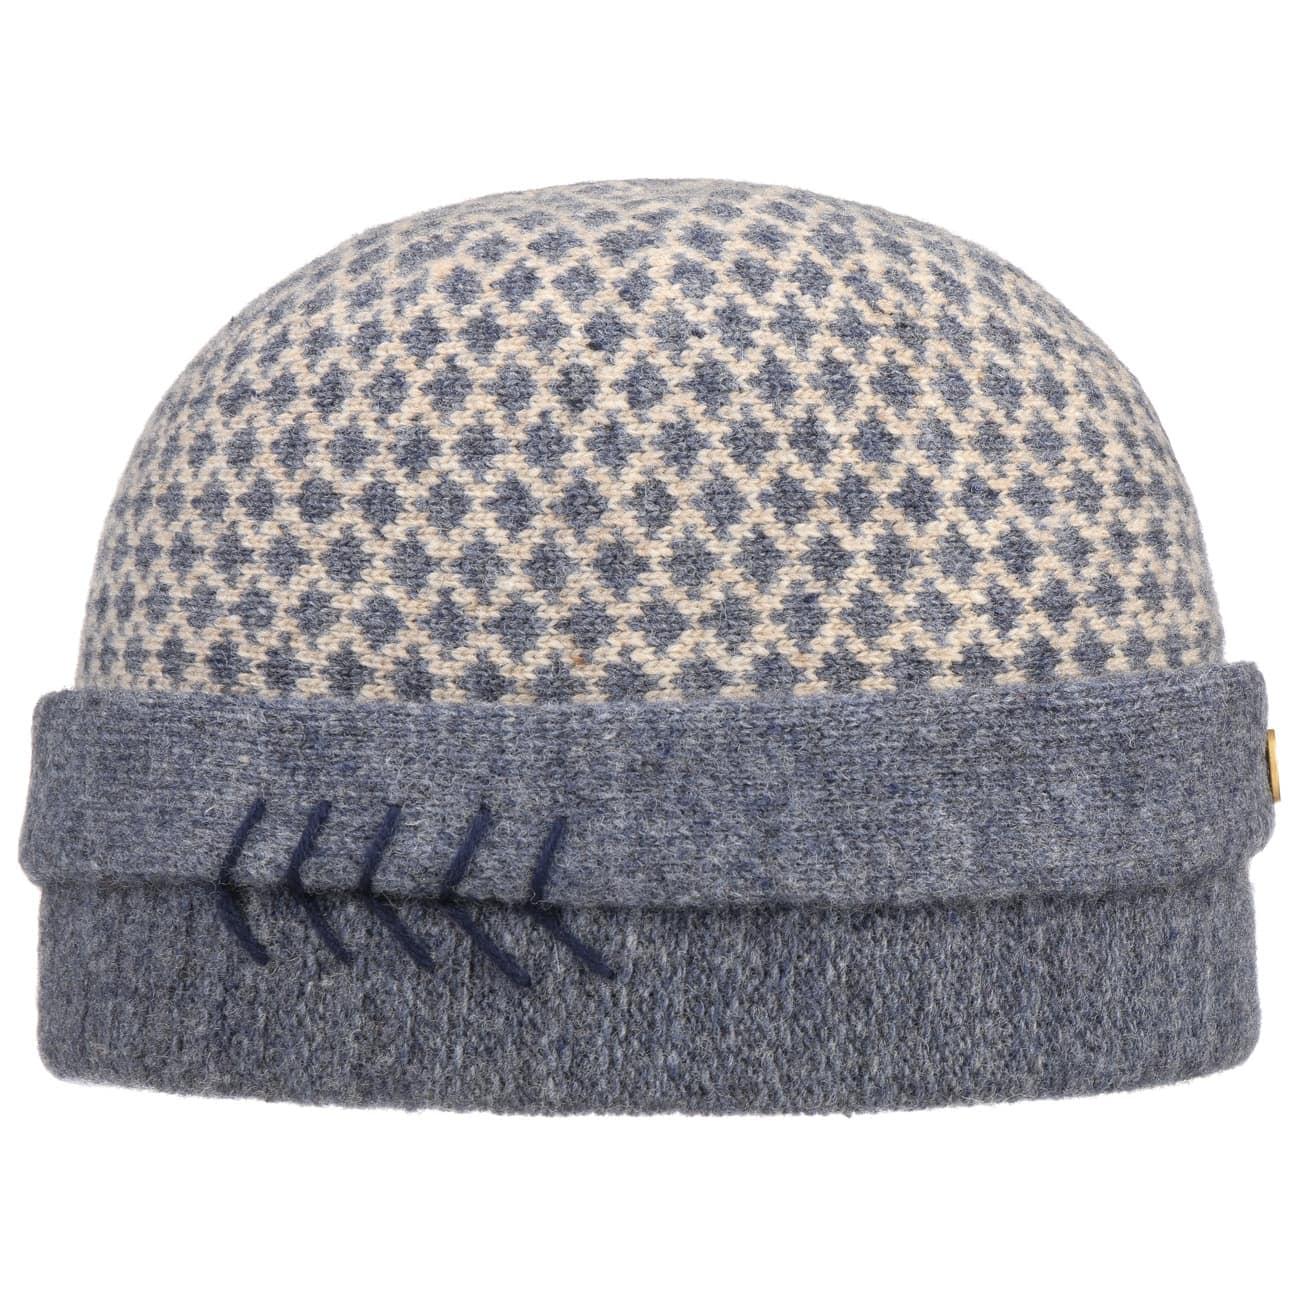 Bonnet en Laine Vera by Mayser  bonnet pour l`hiver